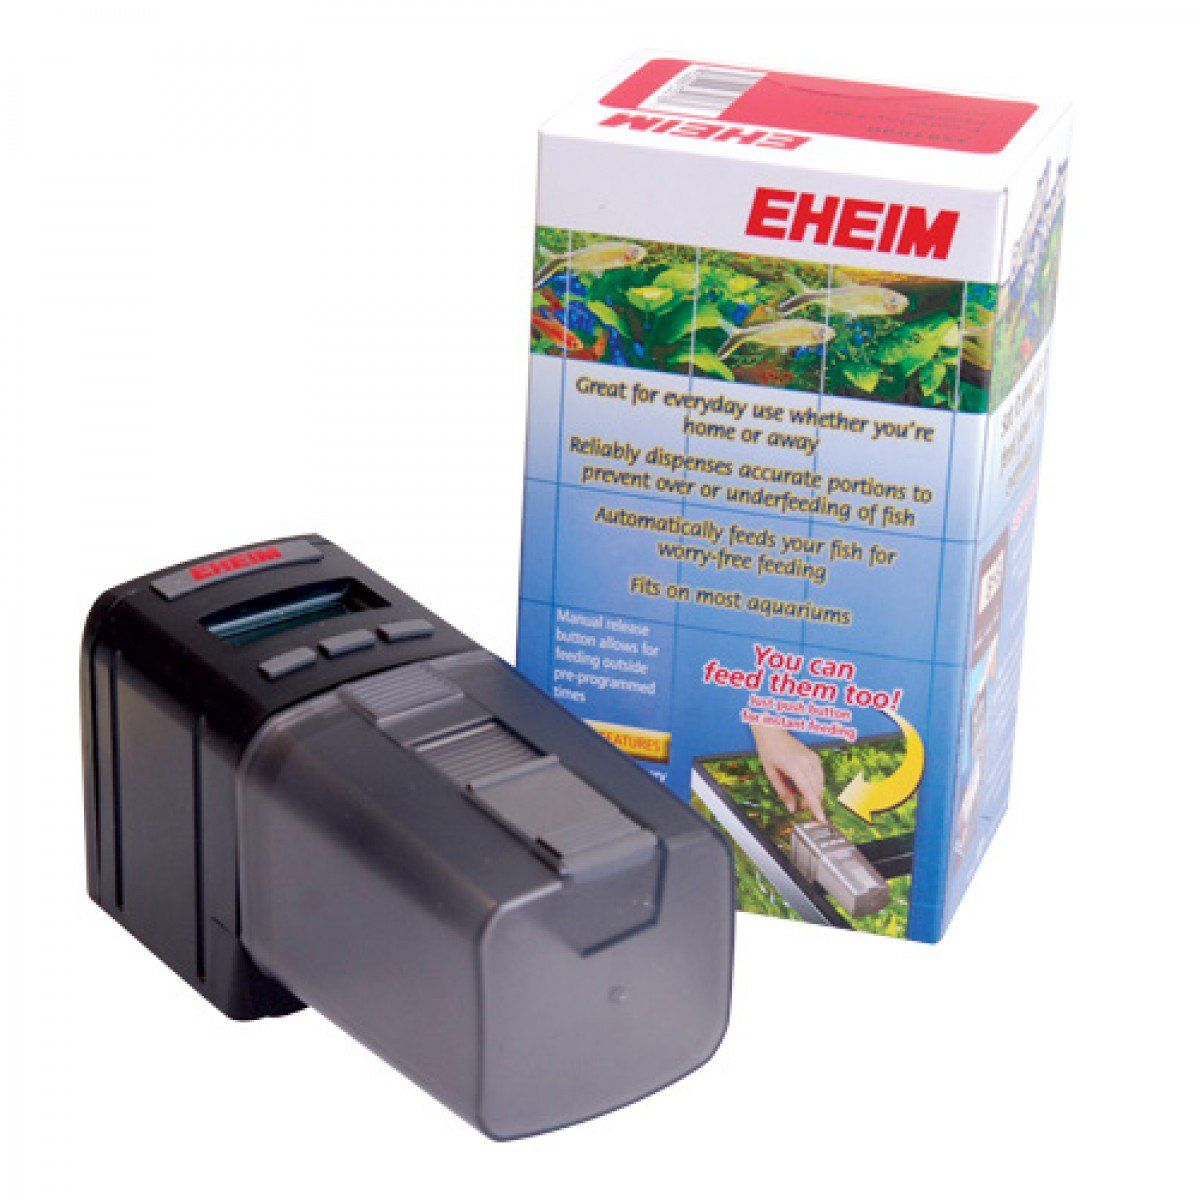 Eheim FeedAir Digital Automatic Feeder Fish feeder